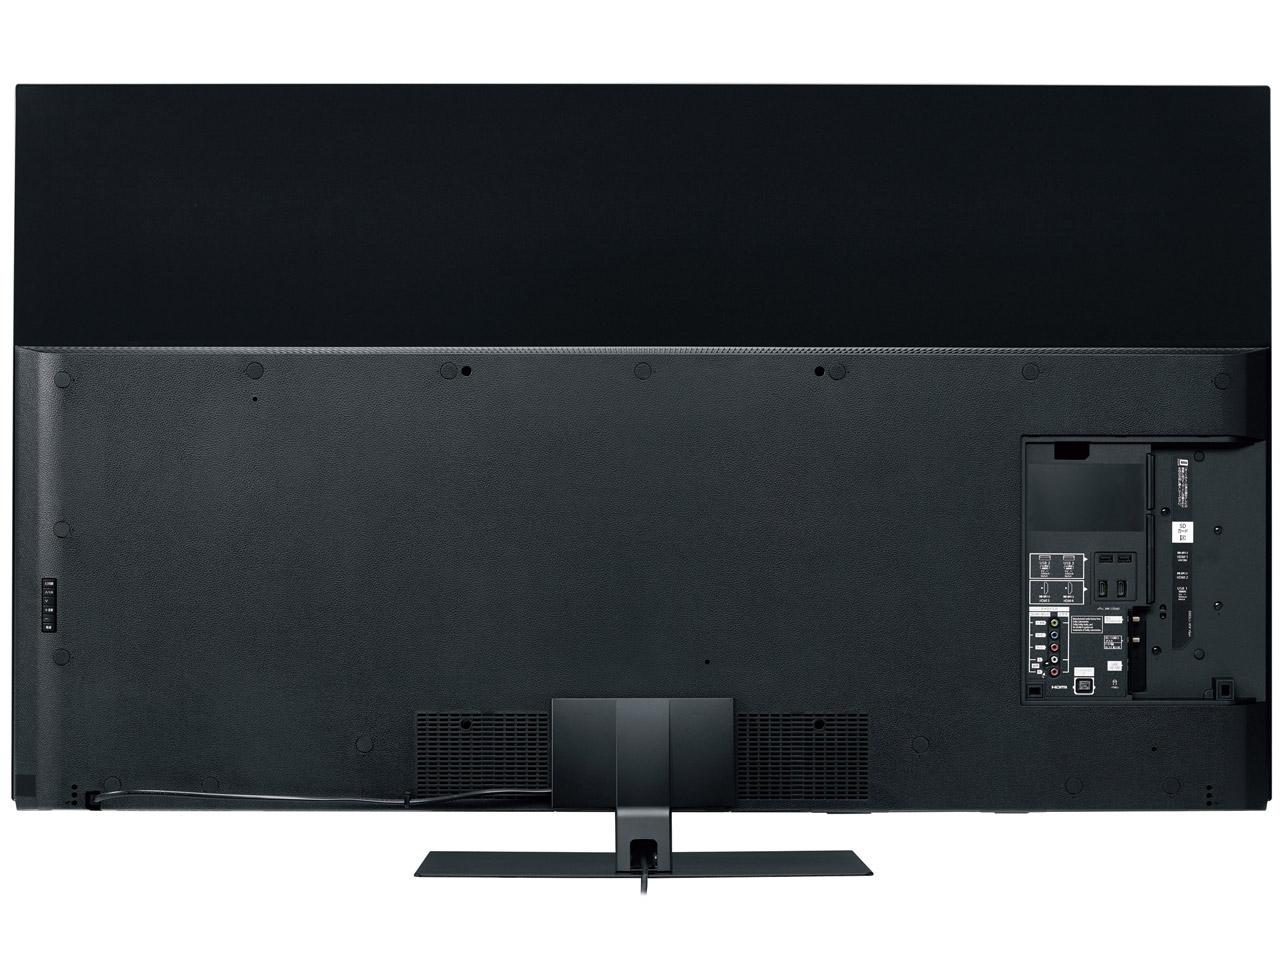 『本体 背面2』 VIERA TH-65FZ950 [65インチ] の製品画像